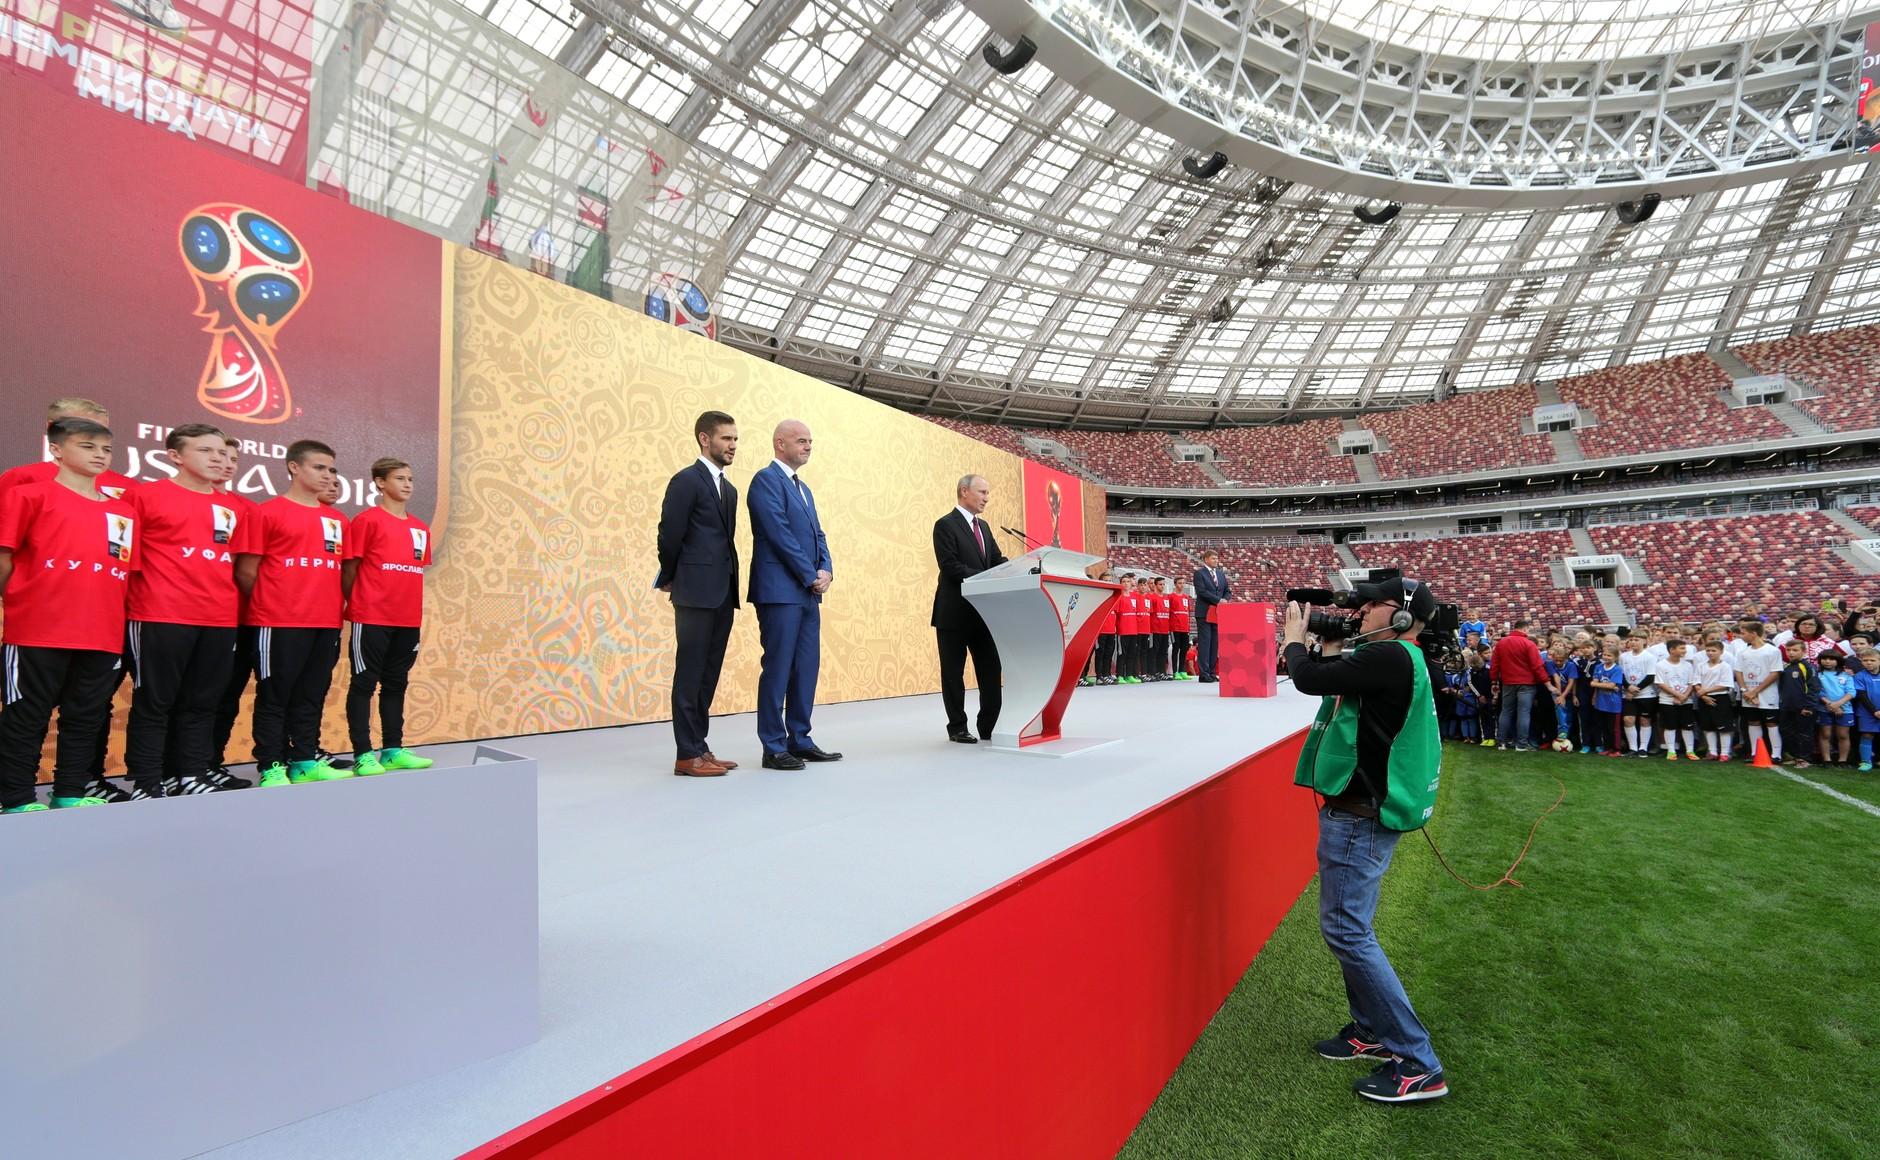 Владимир Путин лично оценил итоги масштабной реконструкции «Лужников». Фото: kremlin.ru